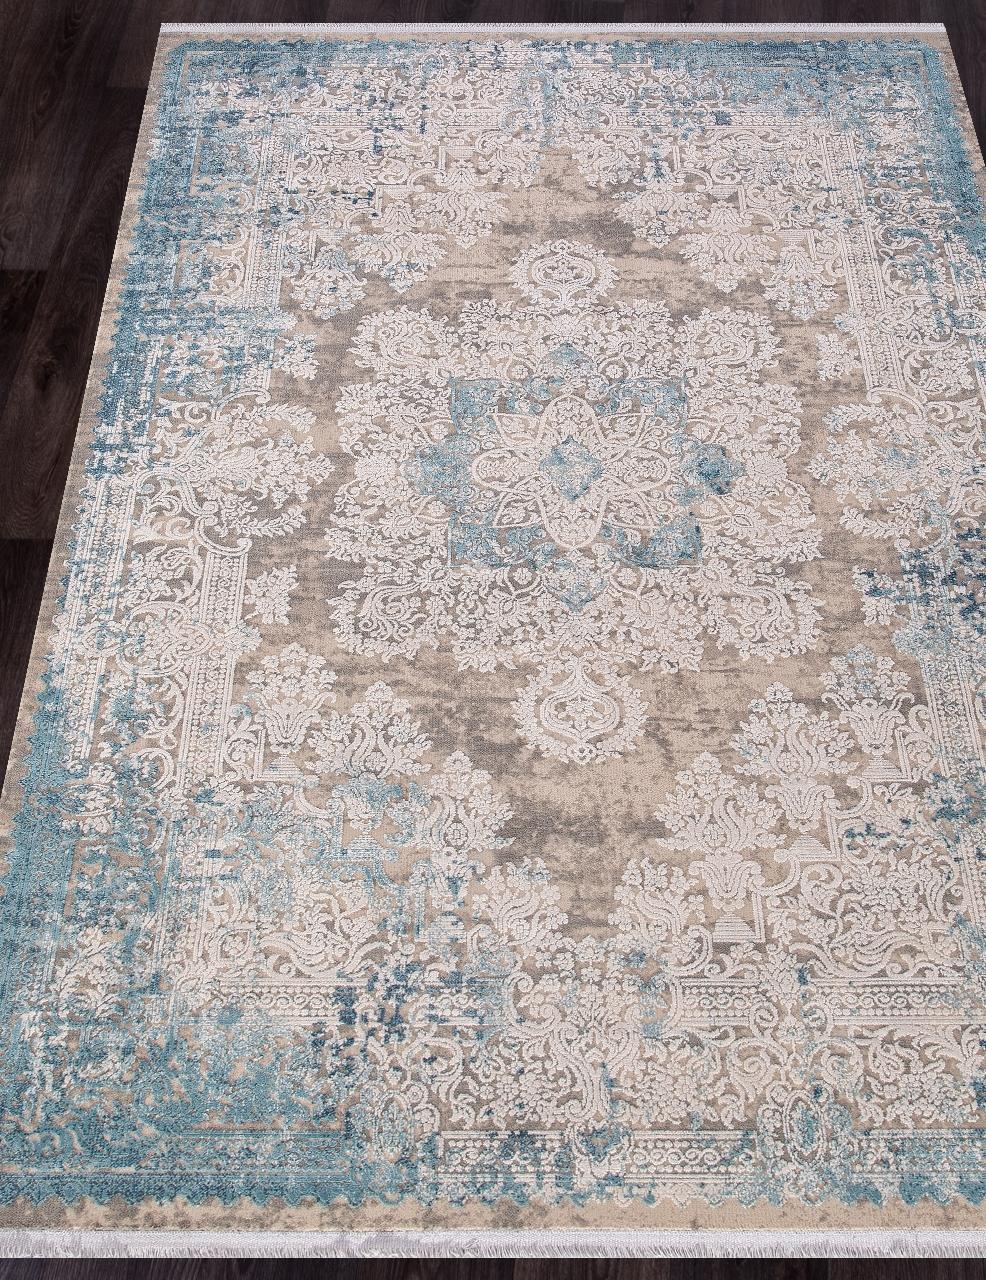 Ковер 9304 - BEIGE / BLUE - Прямоугольник - коллекция BIBLOS - фото 1